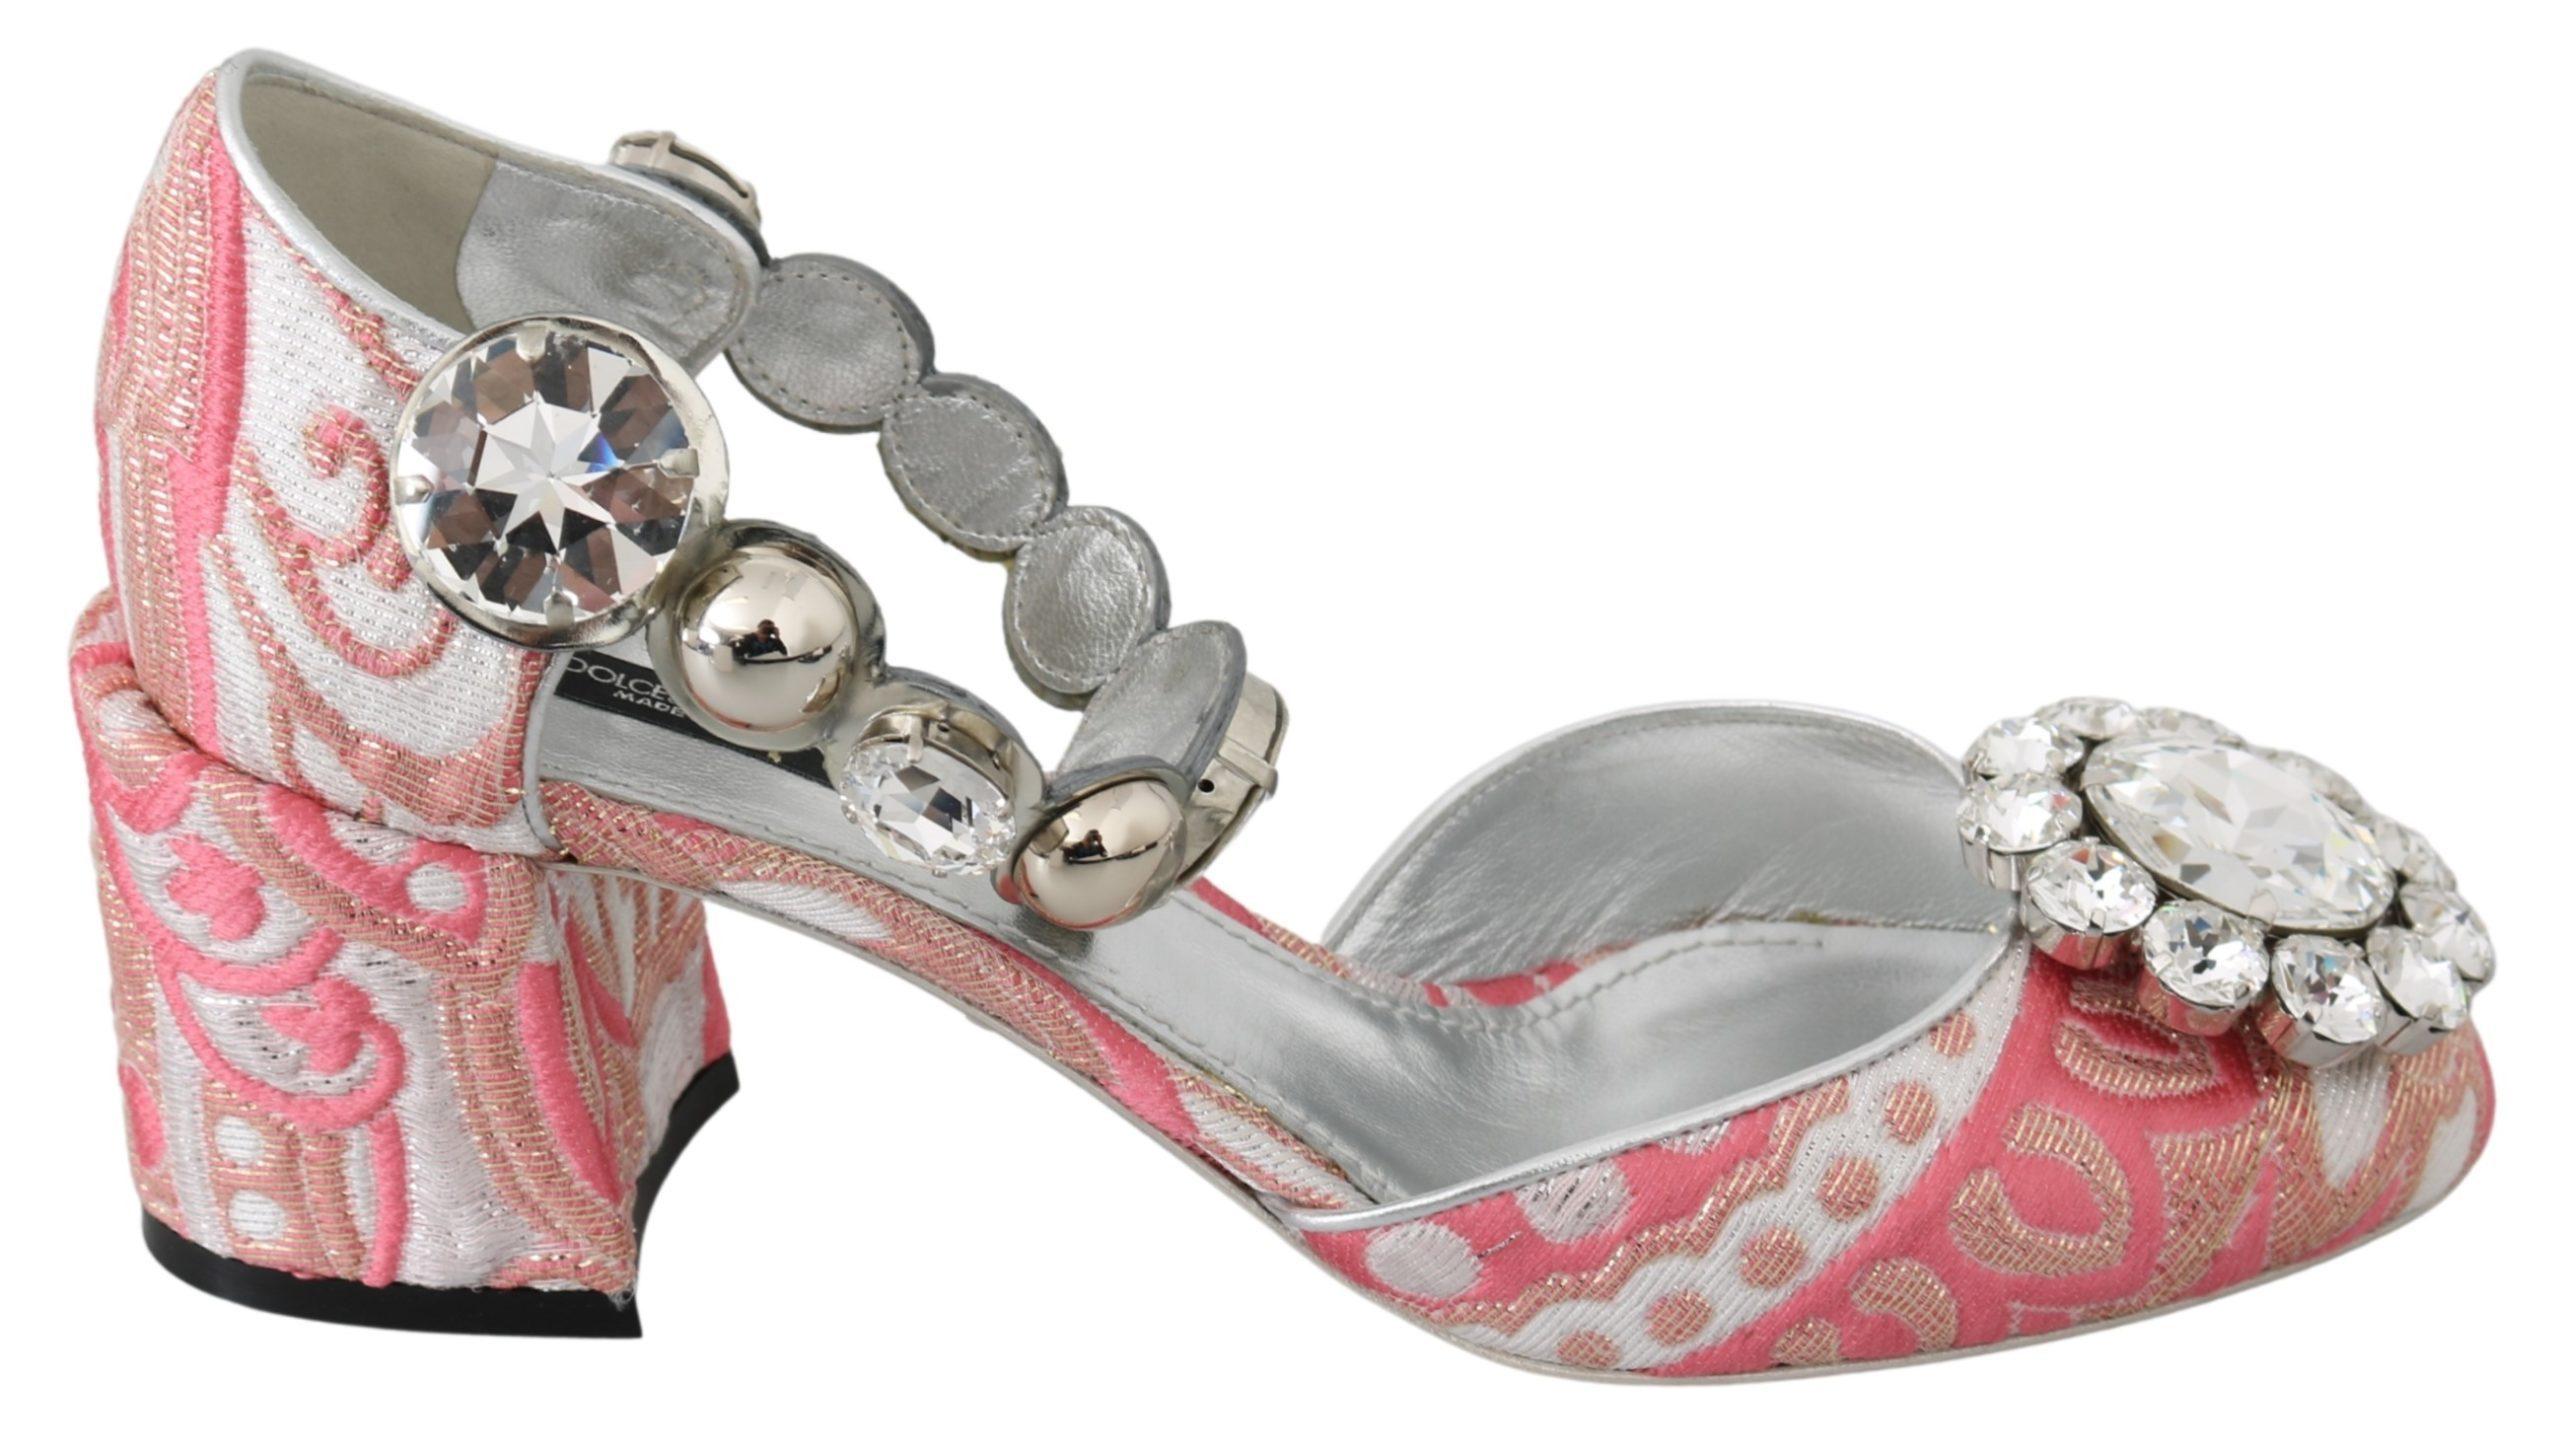 Dolce & Gabbana Women's Brocade Crystals Pumps Pink LA7237 - EU39/US8.5